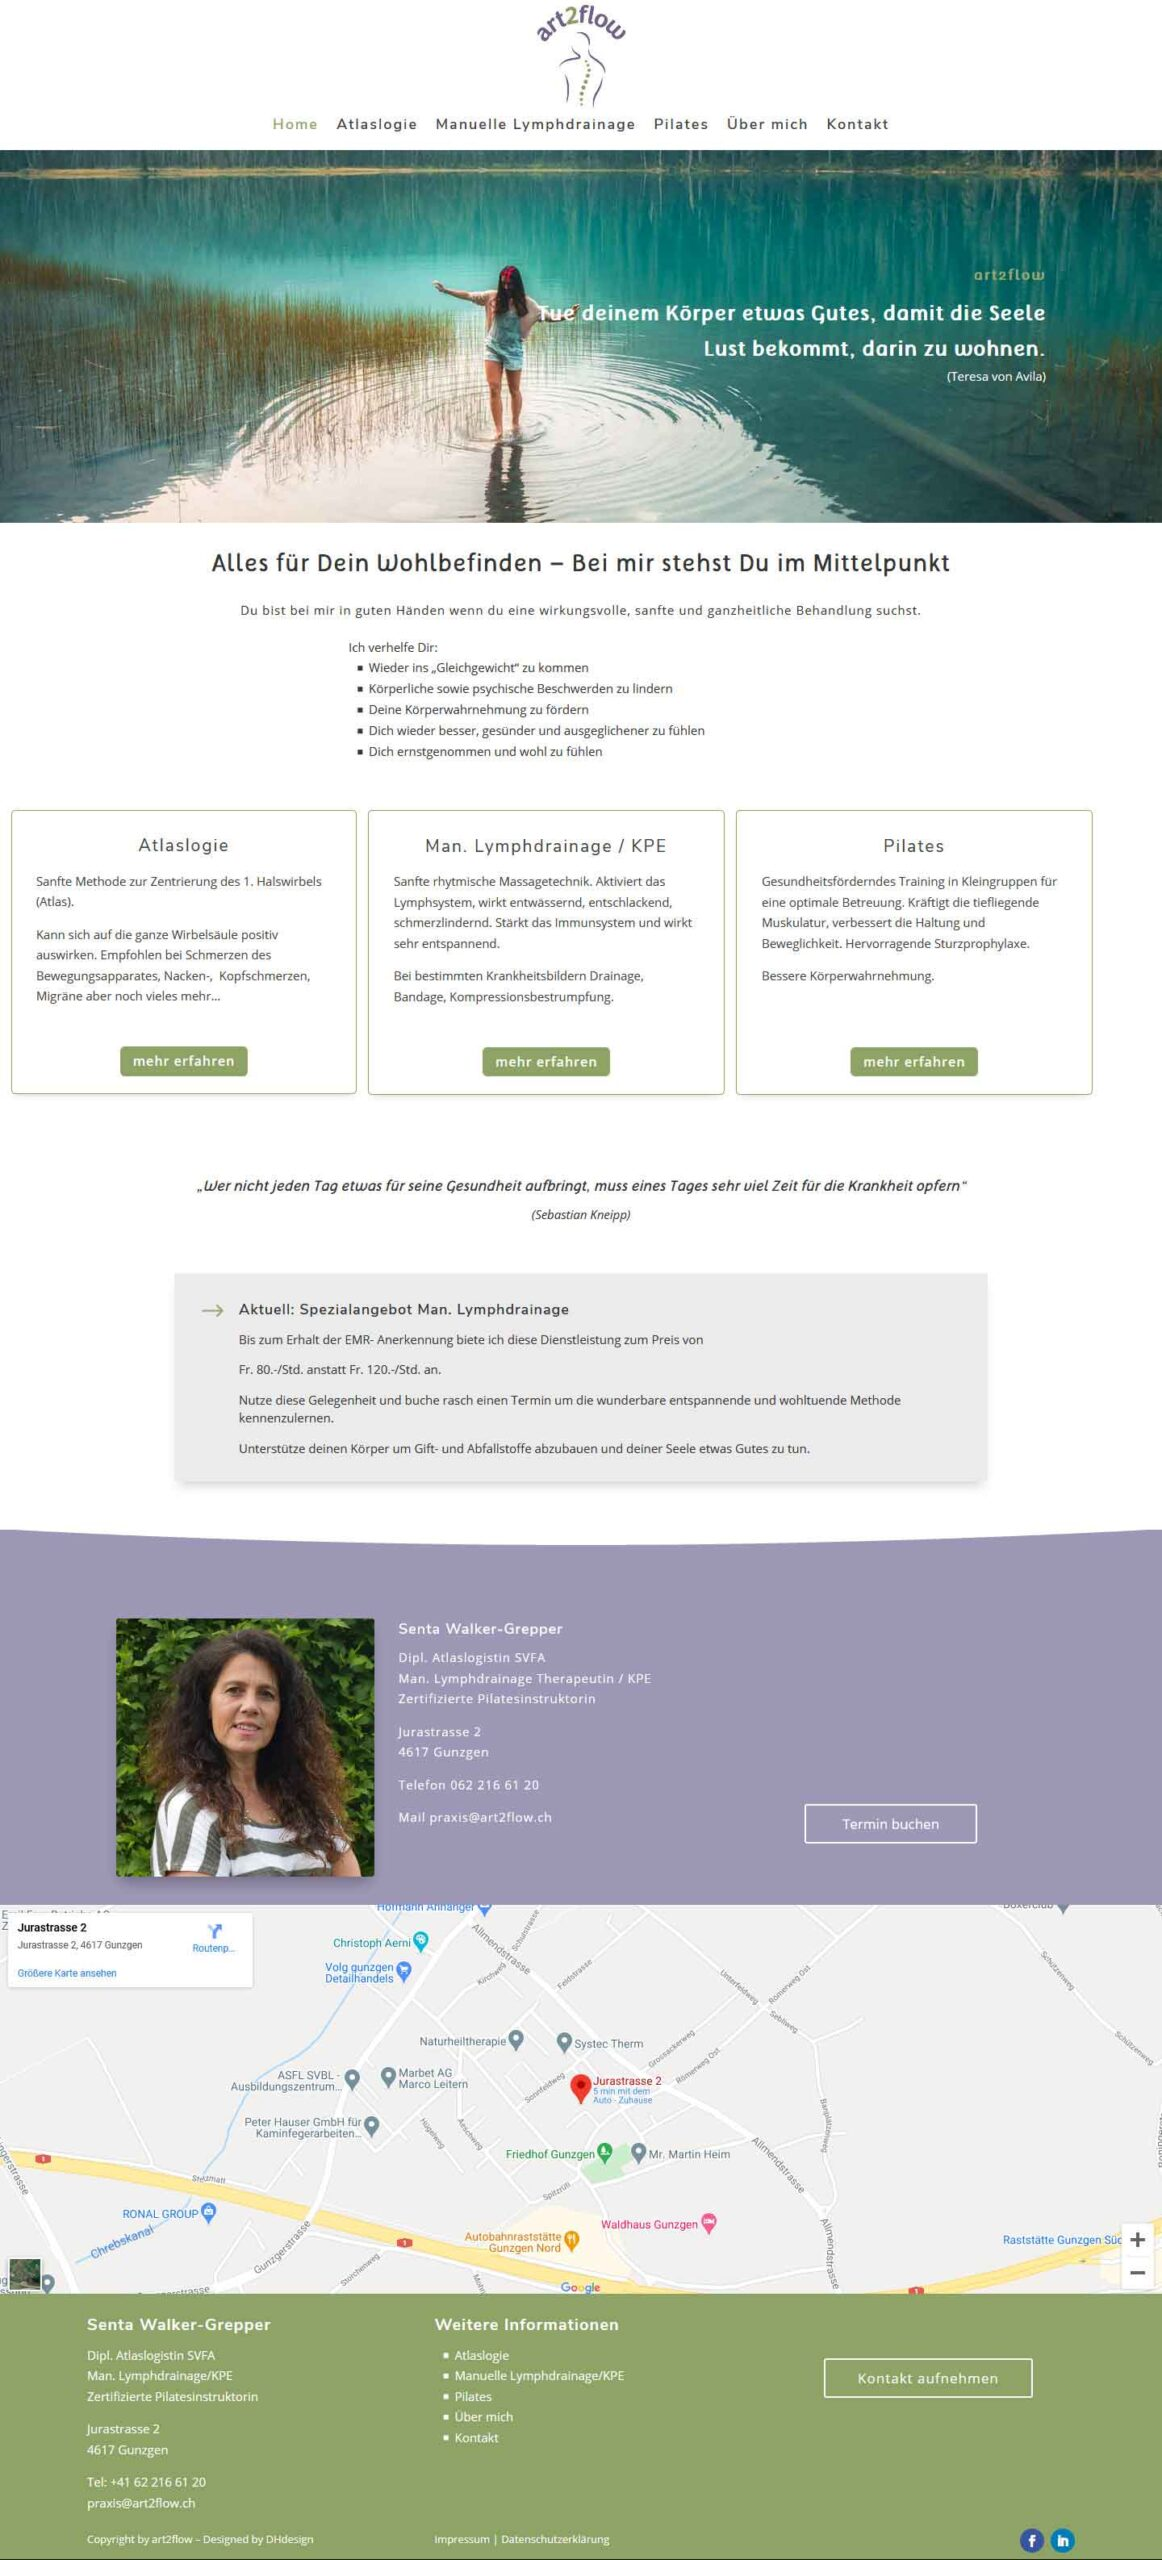 Webseite art2flow von DHdesign erstellt